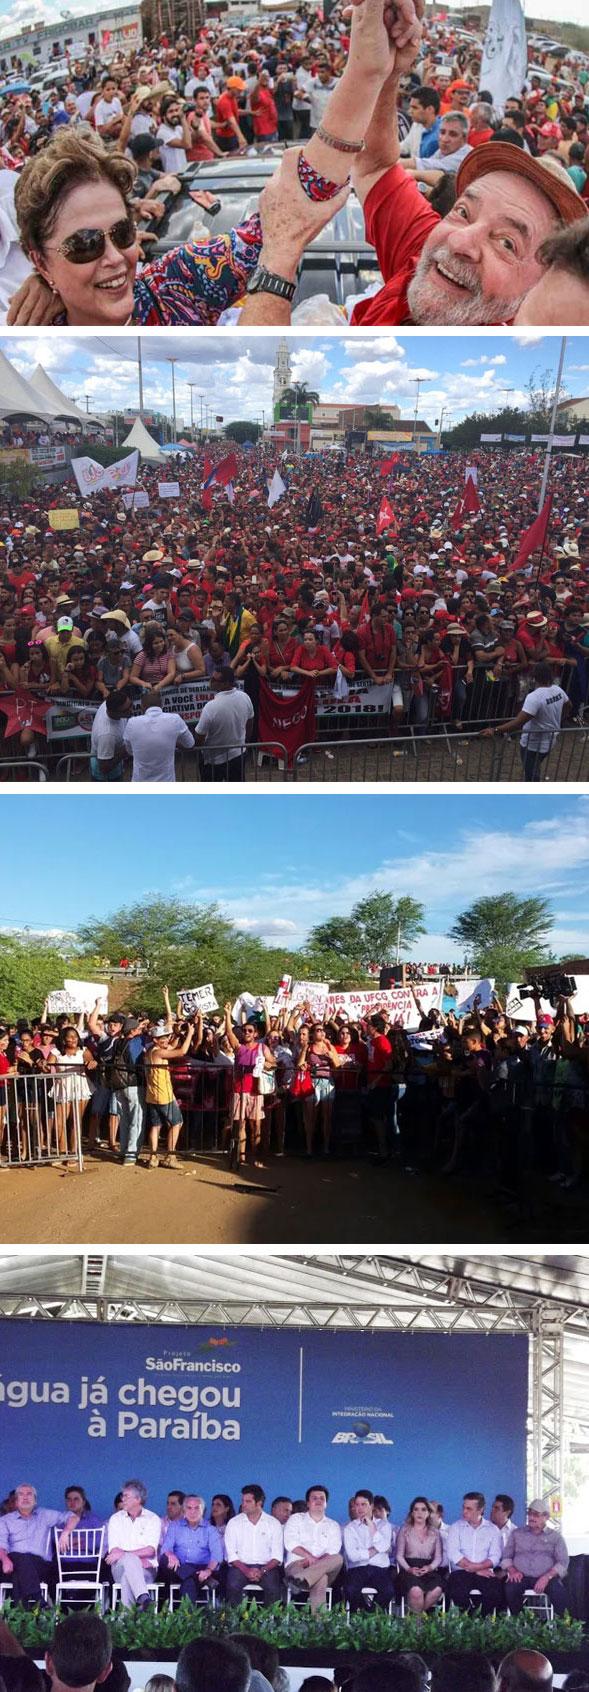 Lula e Dilma ontem em Monteiro (PB) recebidos por multidão: Temer longe do povo e enfrentando protesto no mesmo local na semana passada